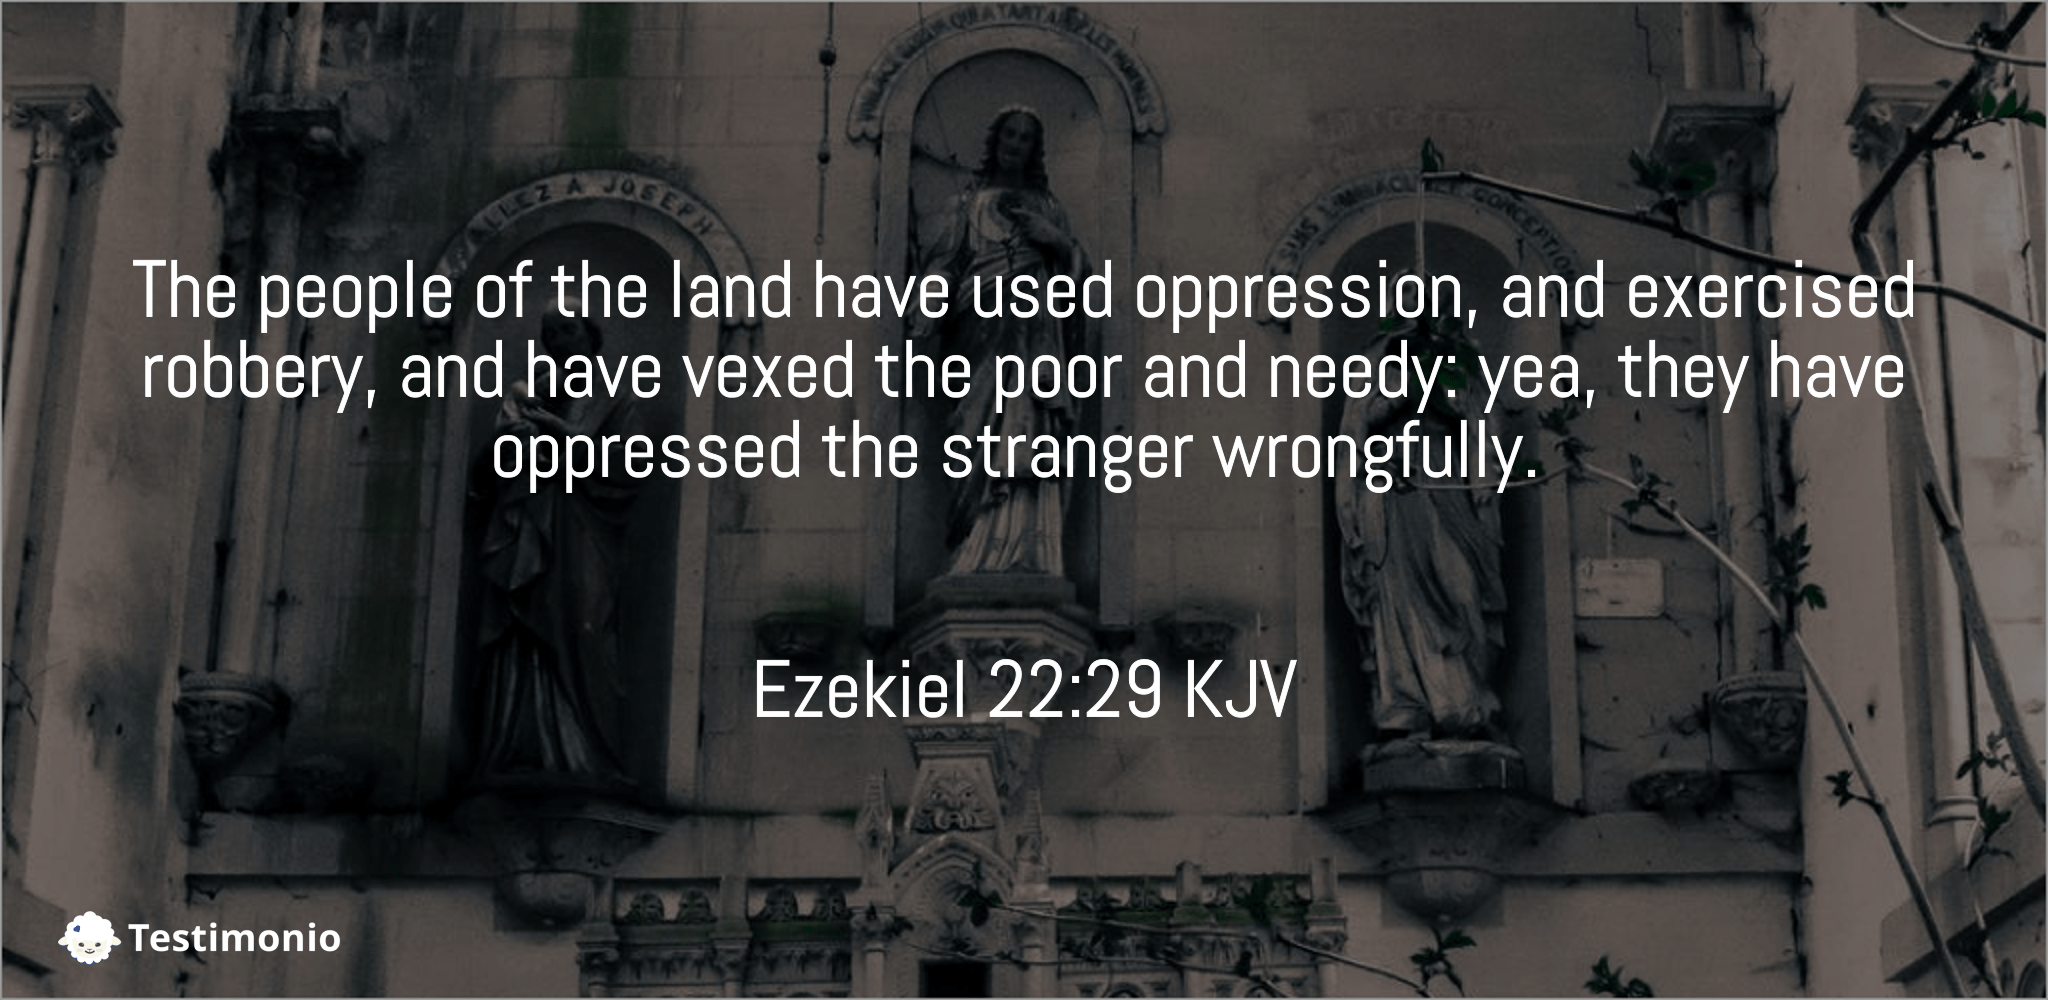 Ezekiel 22:29